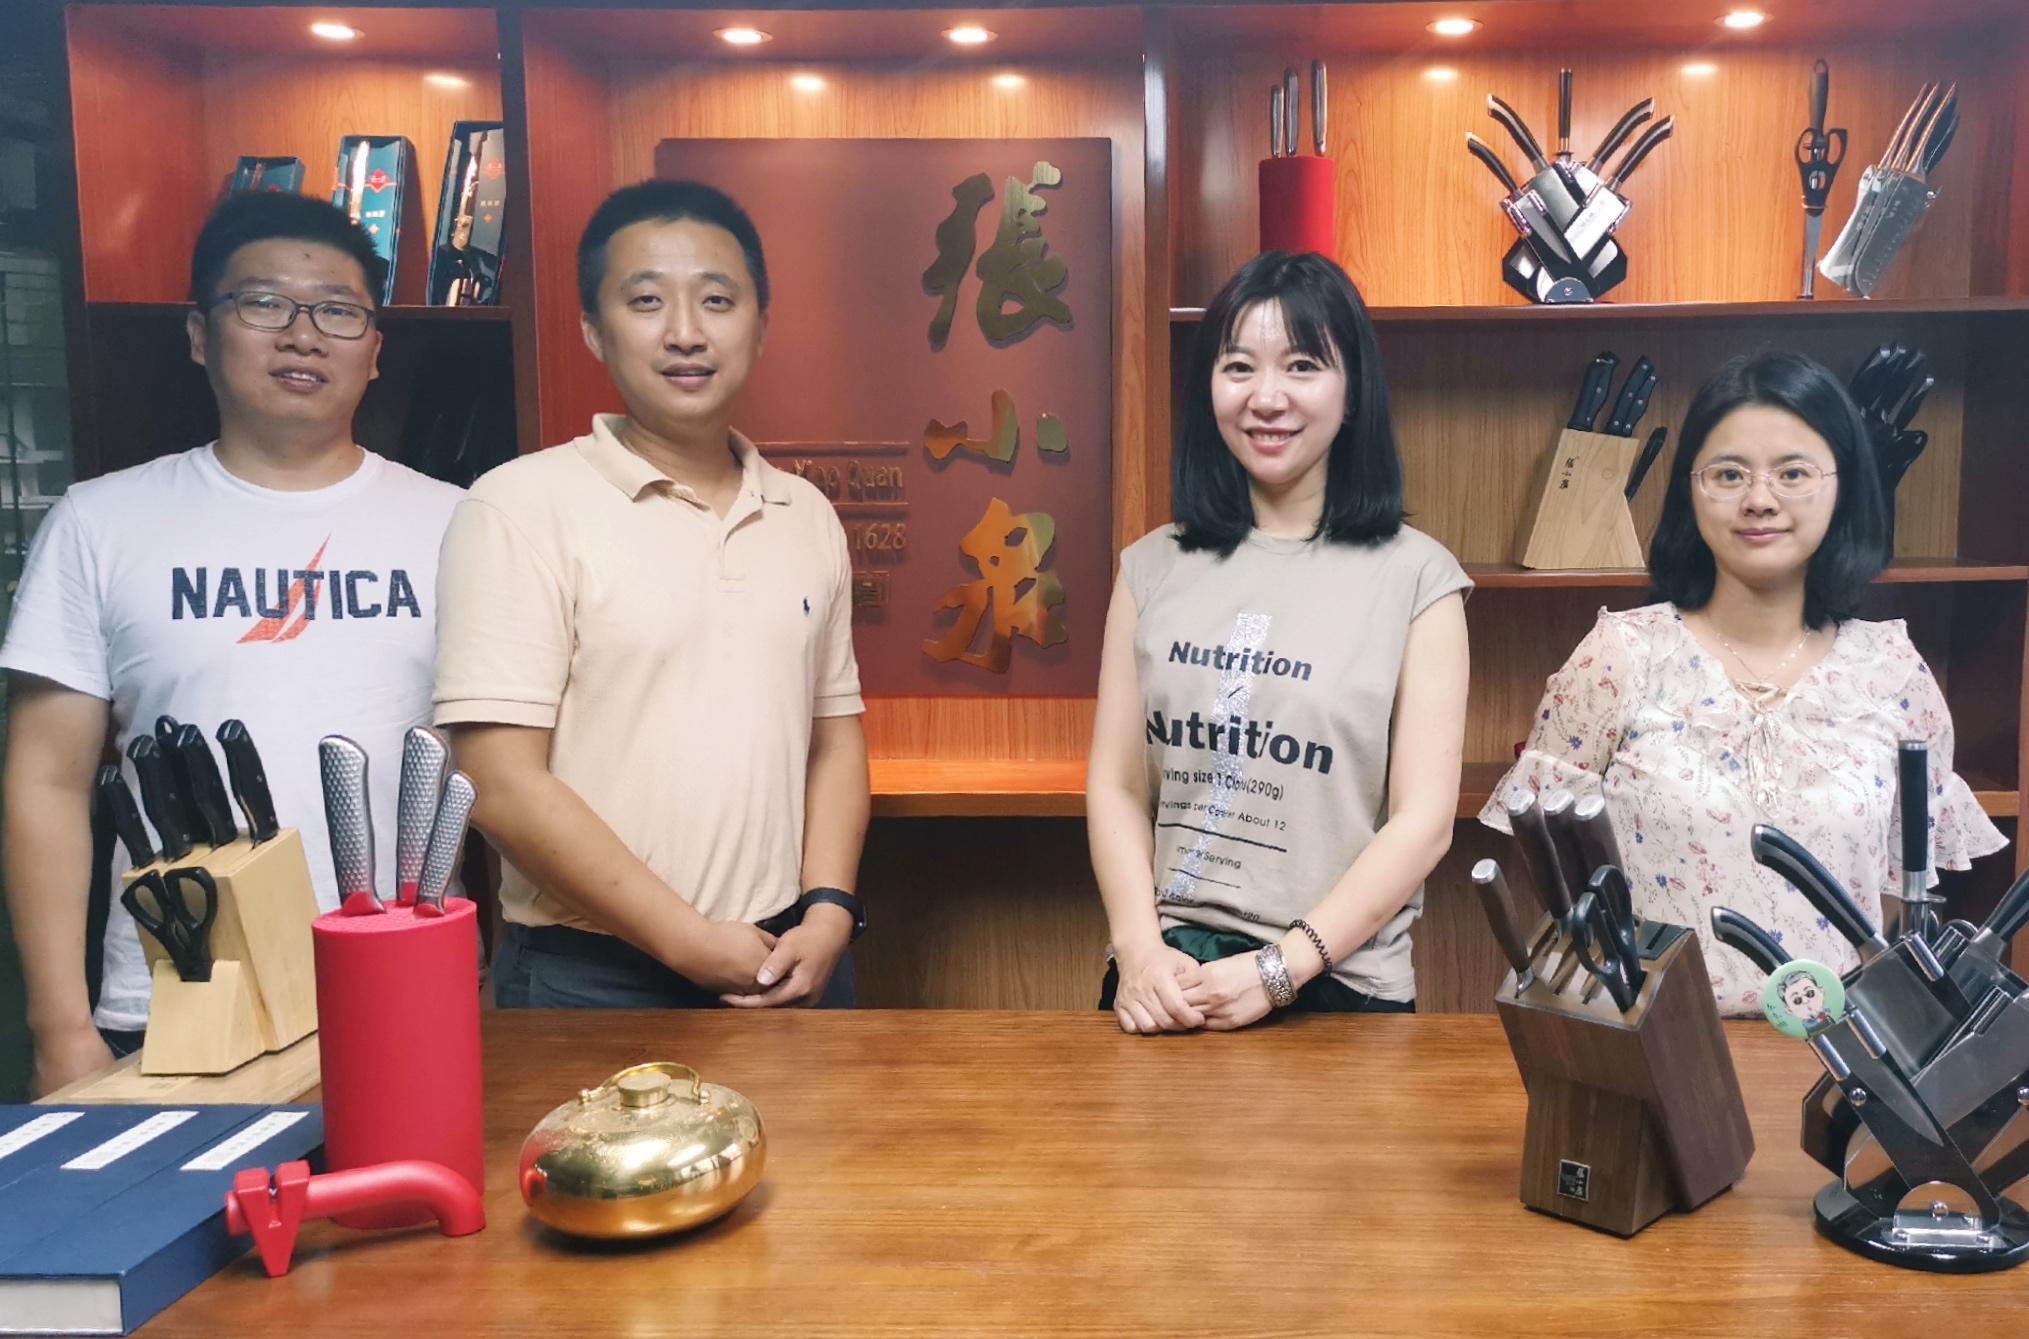 老字号张小泉入驻泛嘉福选平台,让利泛嘉合作伙伴